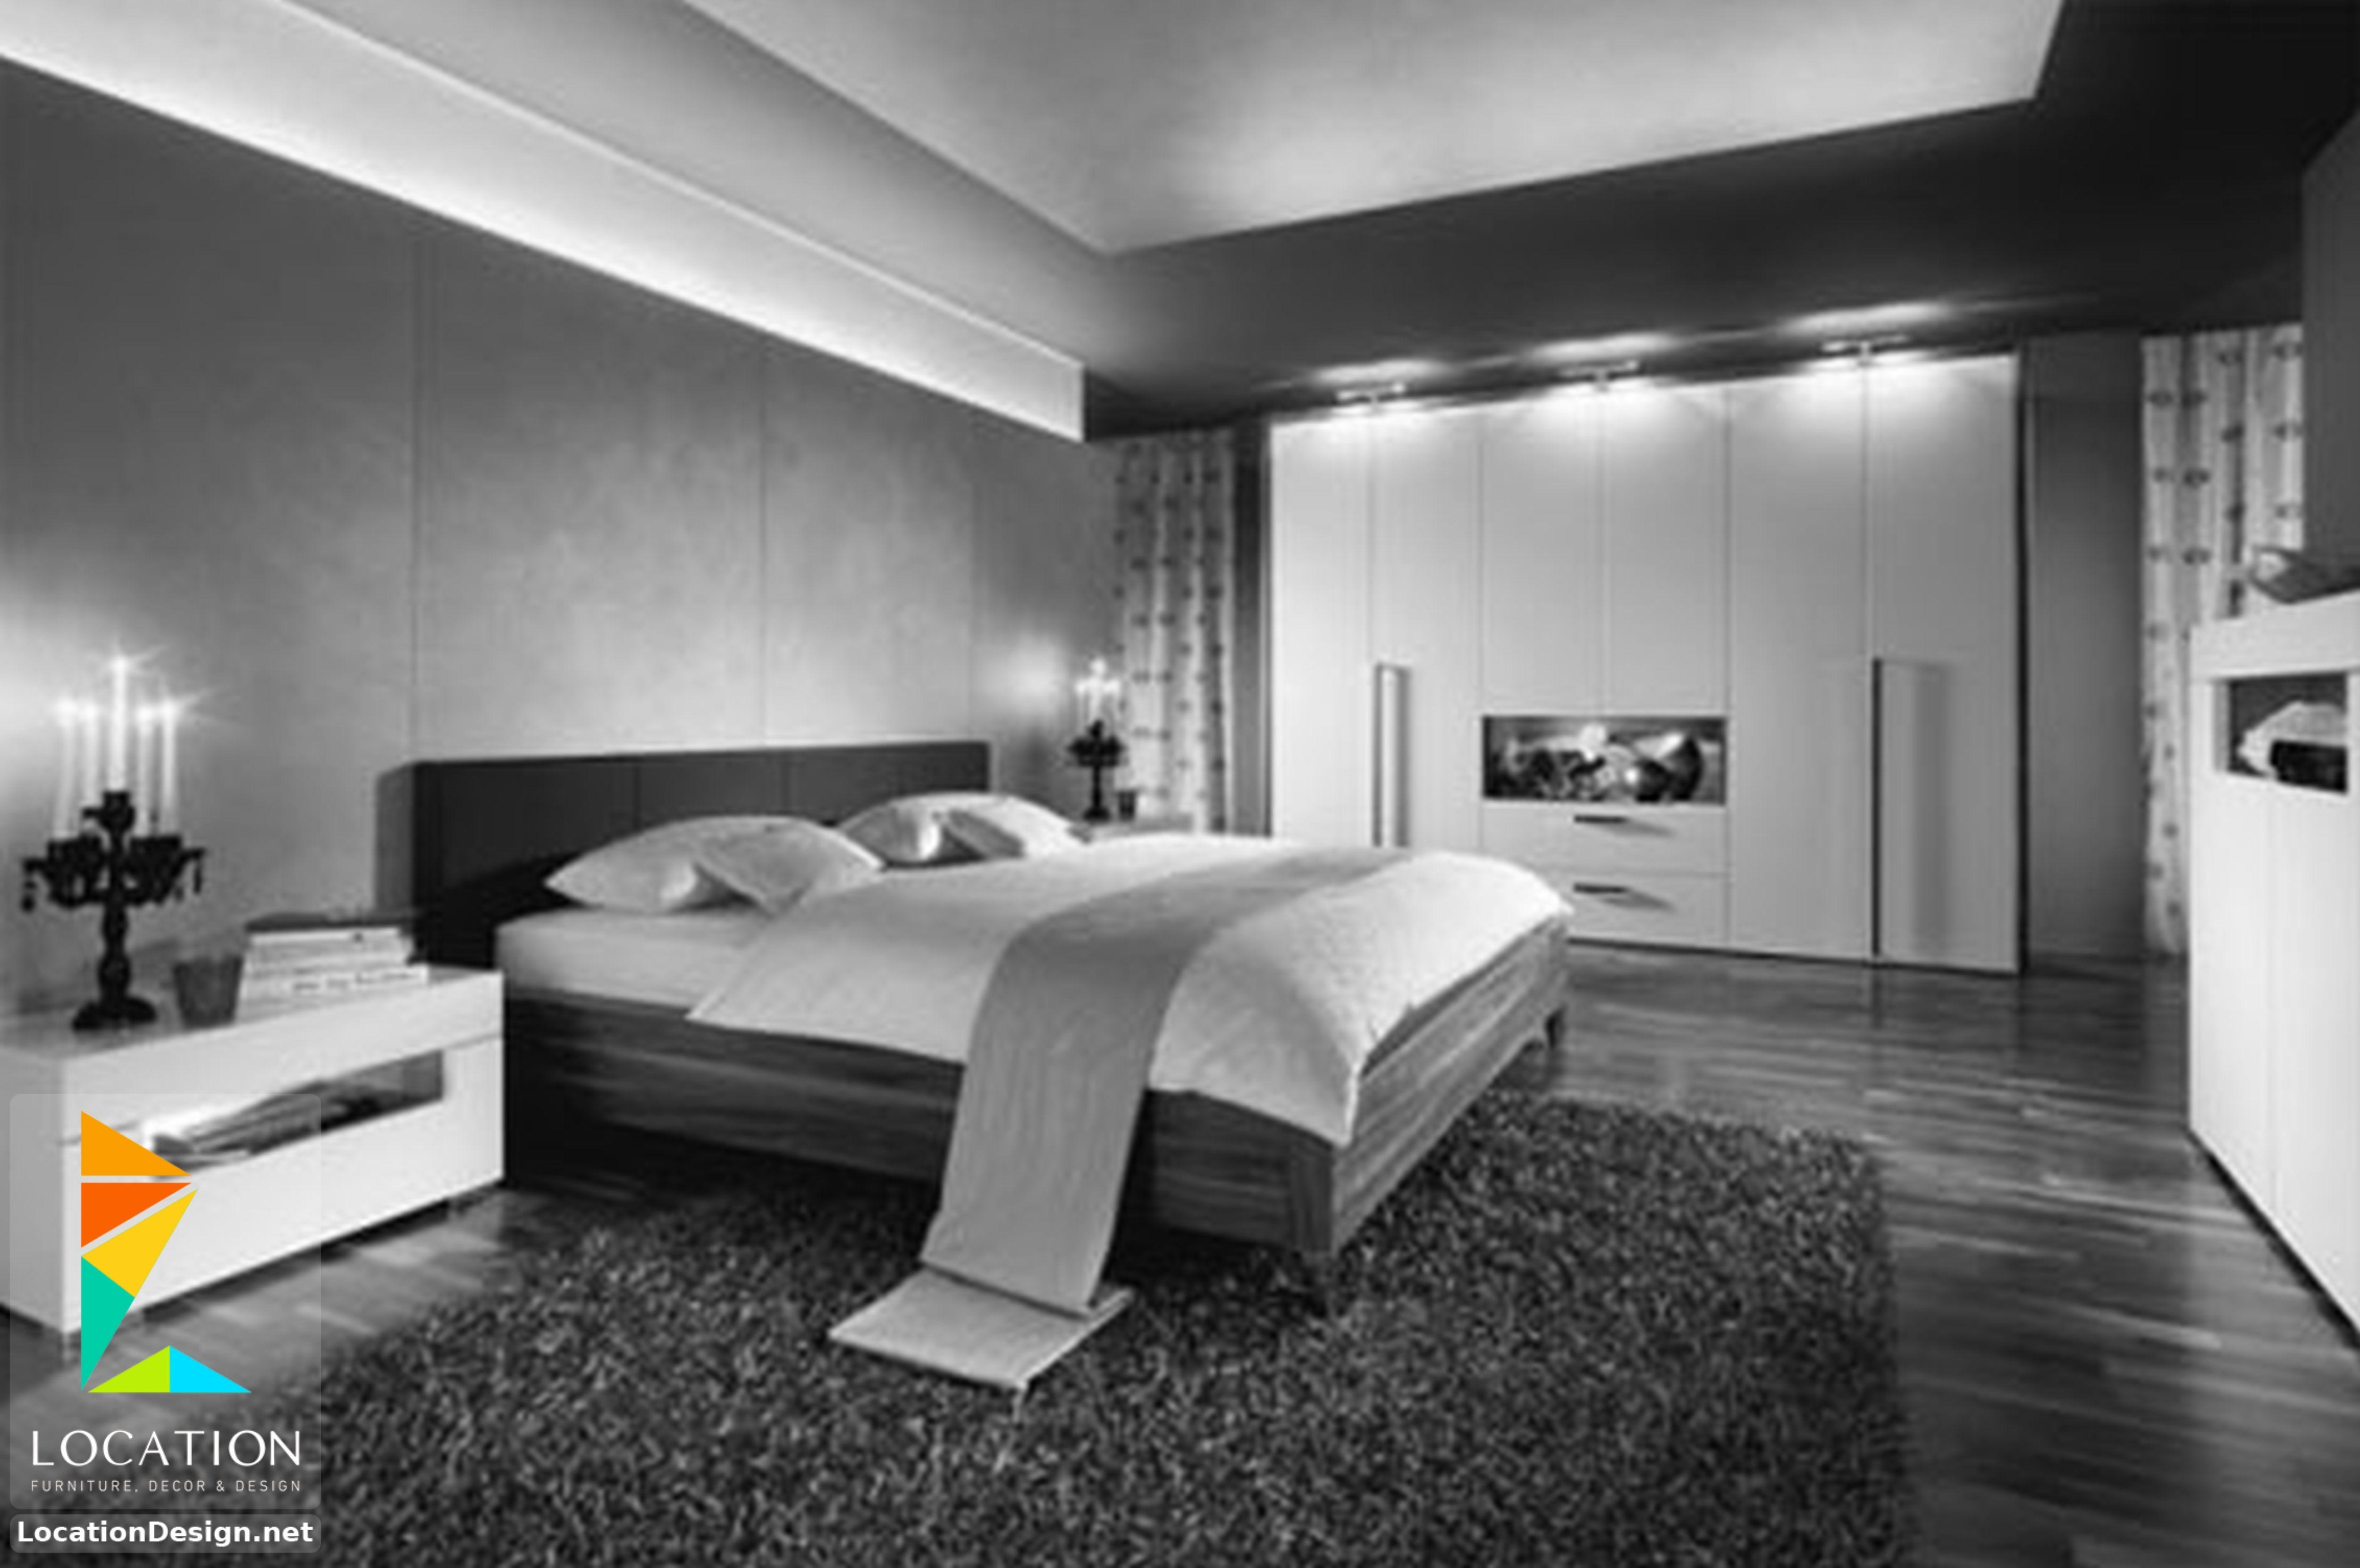 اخترنا لك تشكيلة جديدة من اجمل غرف نوم للعرسان مصرية 2019 2020 فغرفة نومك هي مملكتك الخاصة Industrial Style Bedroom Minimalist Bedroom Luxury Bedroom Decor